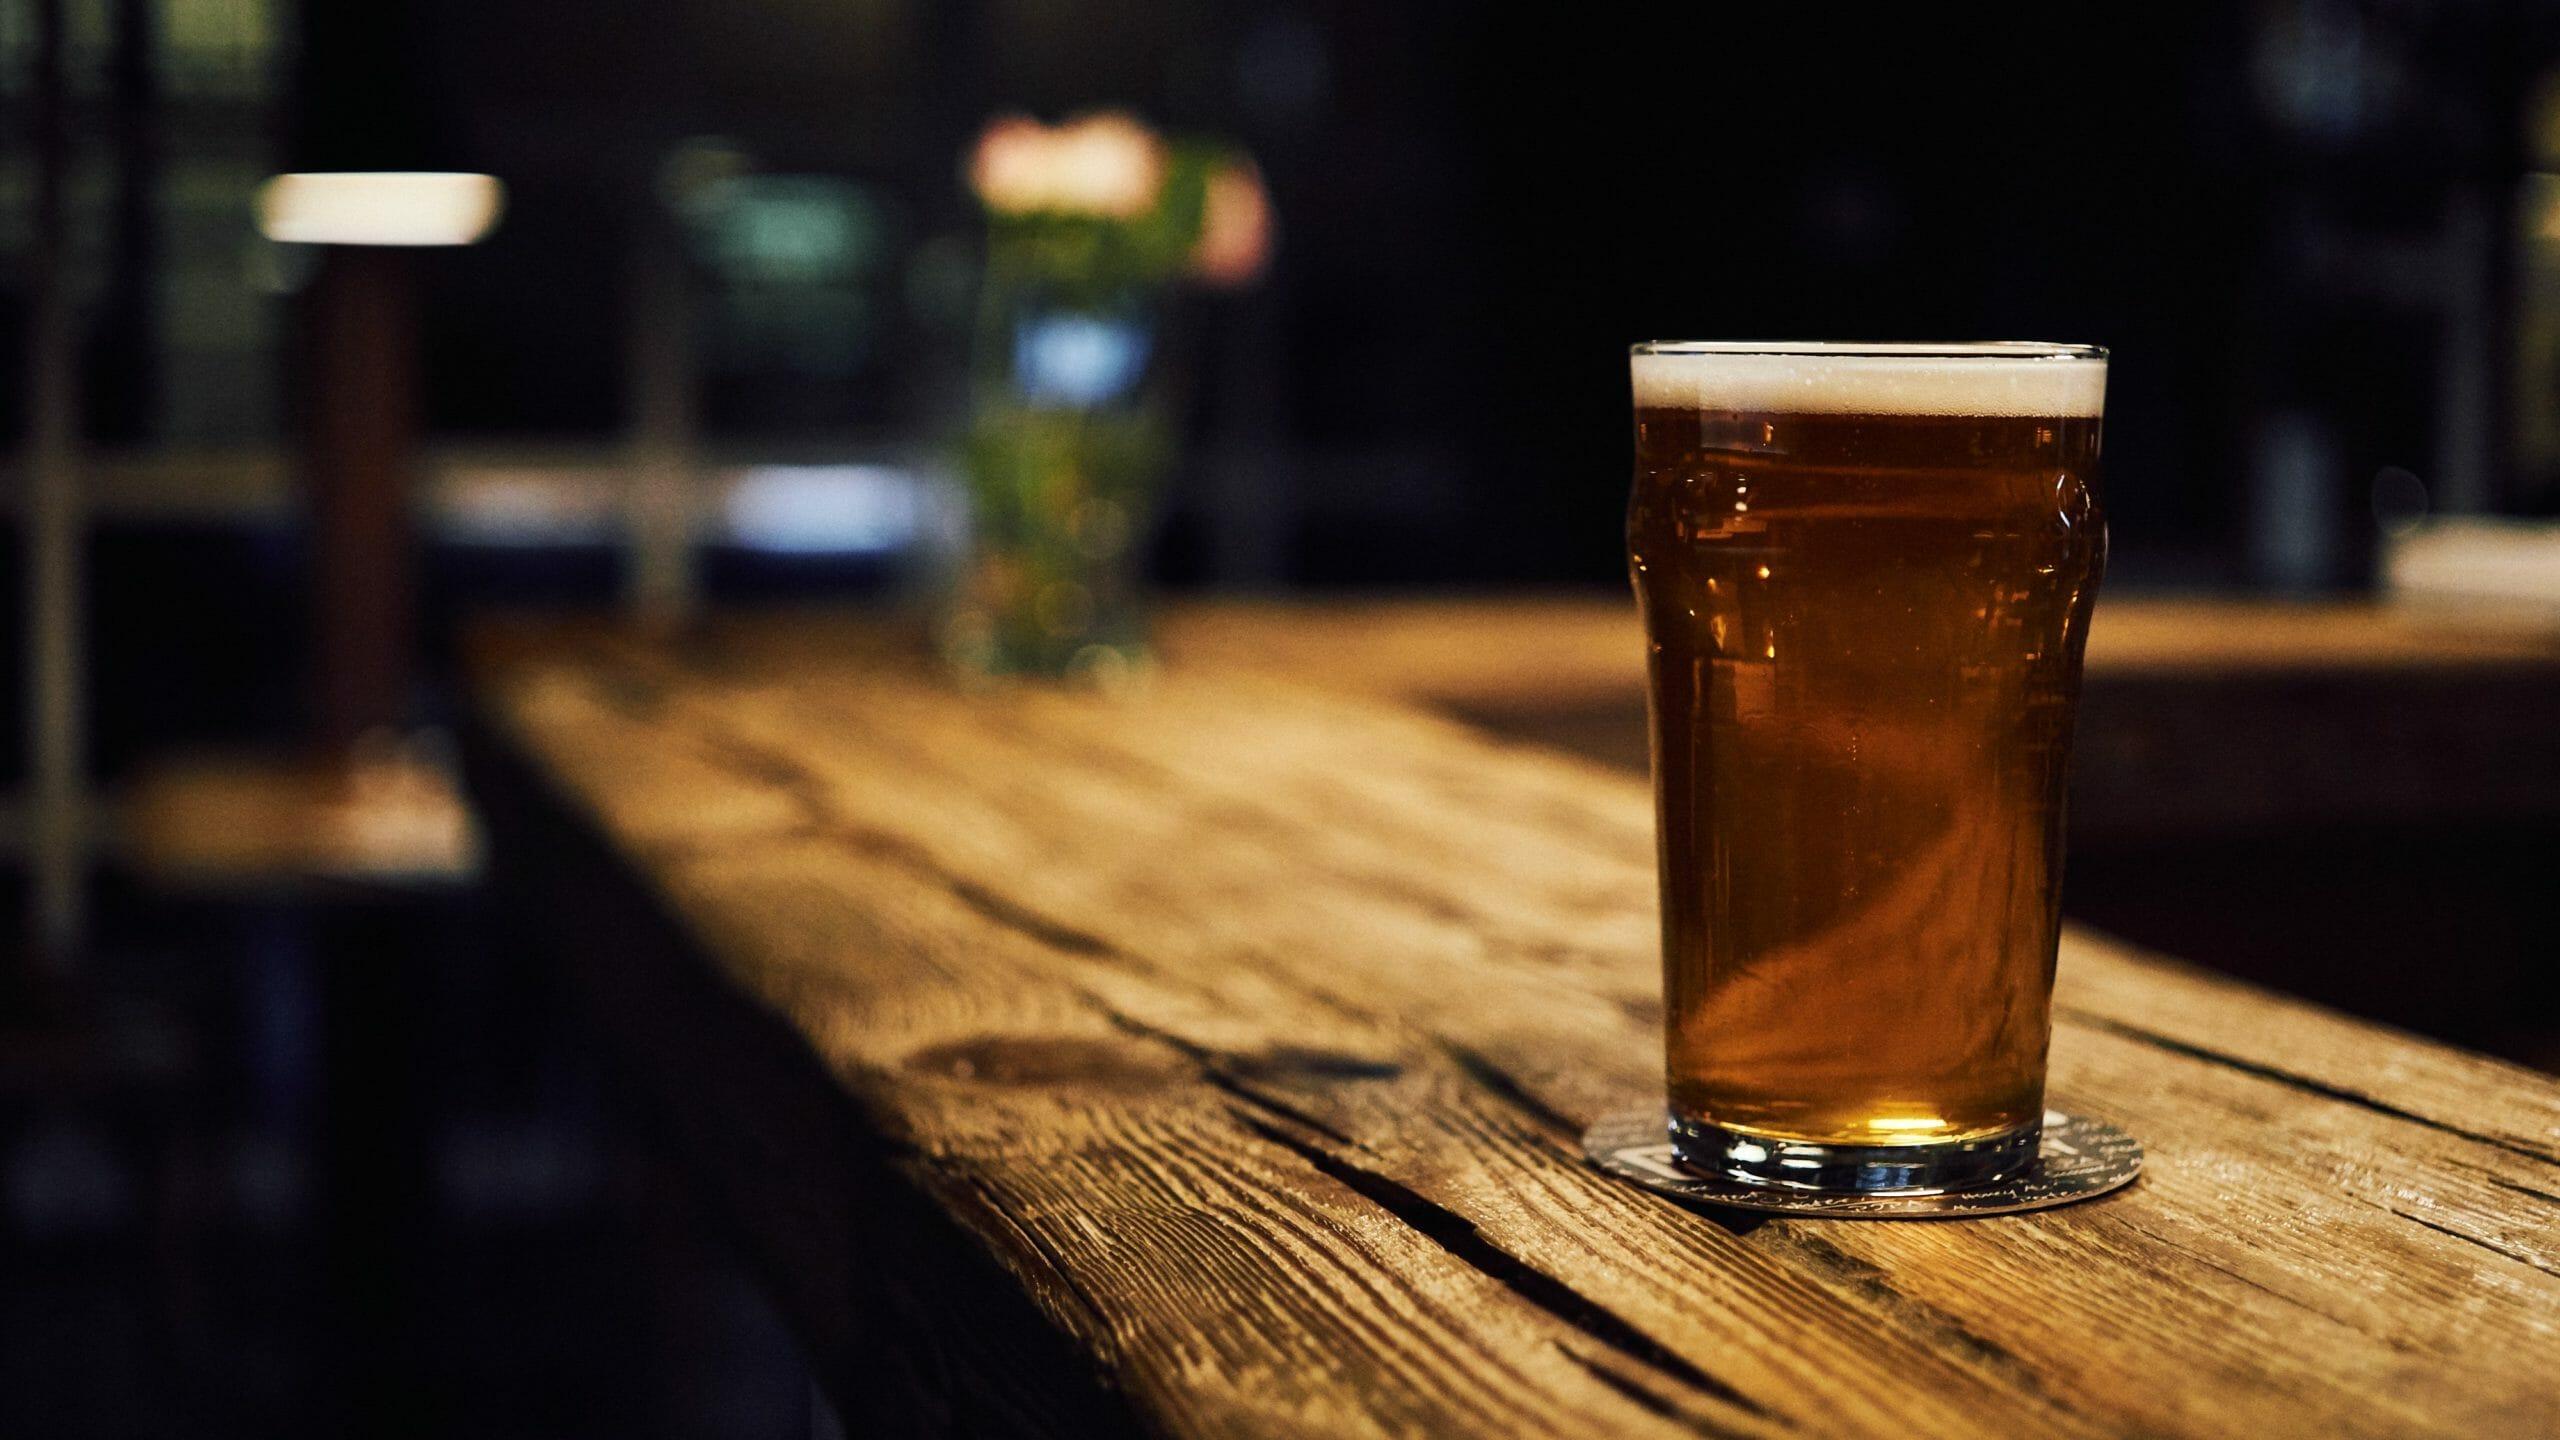 [20.06.26] クラフトビールを造る工学博士のものがたり